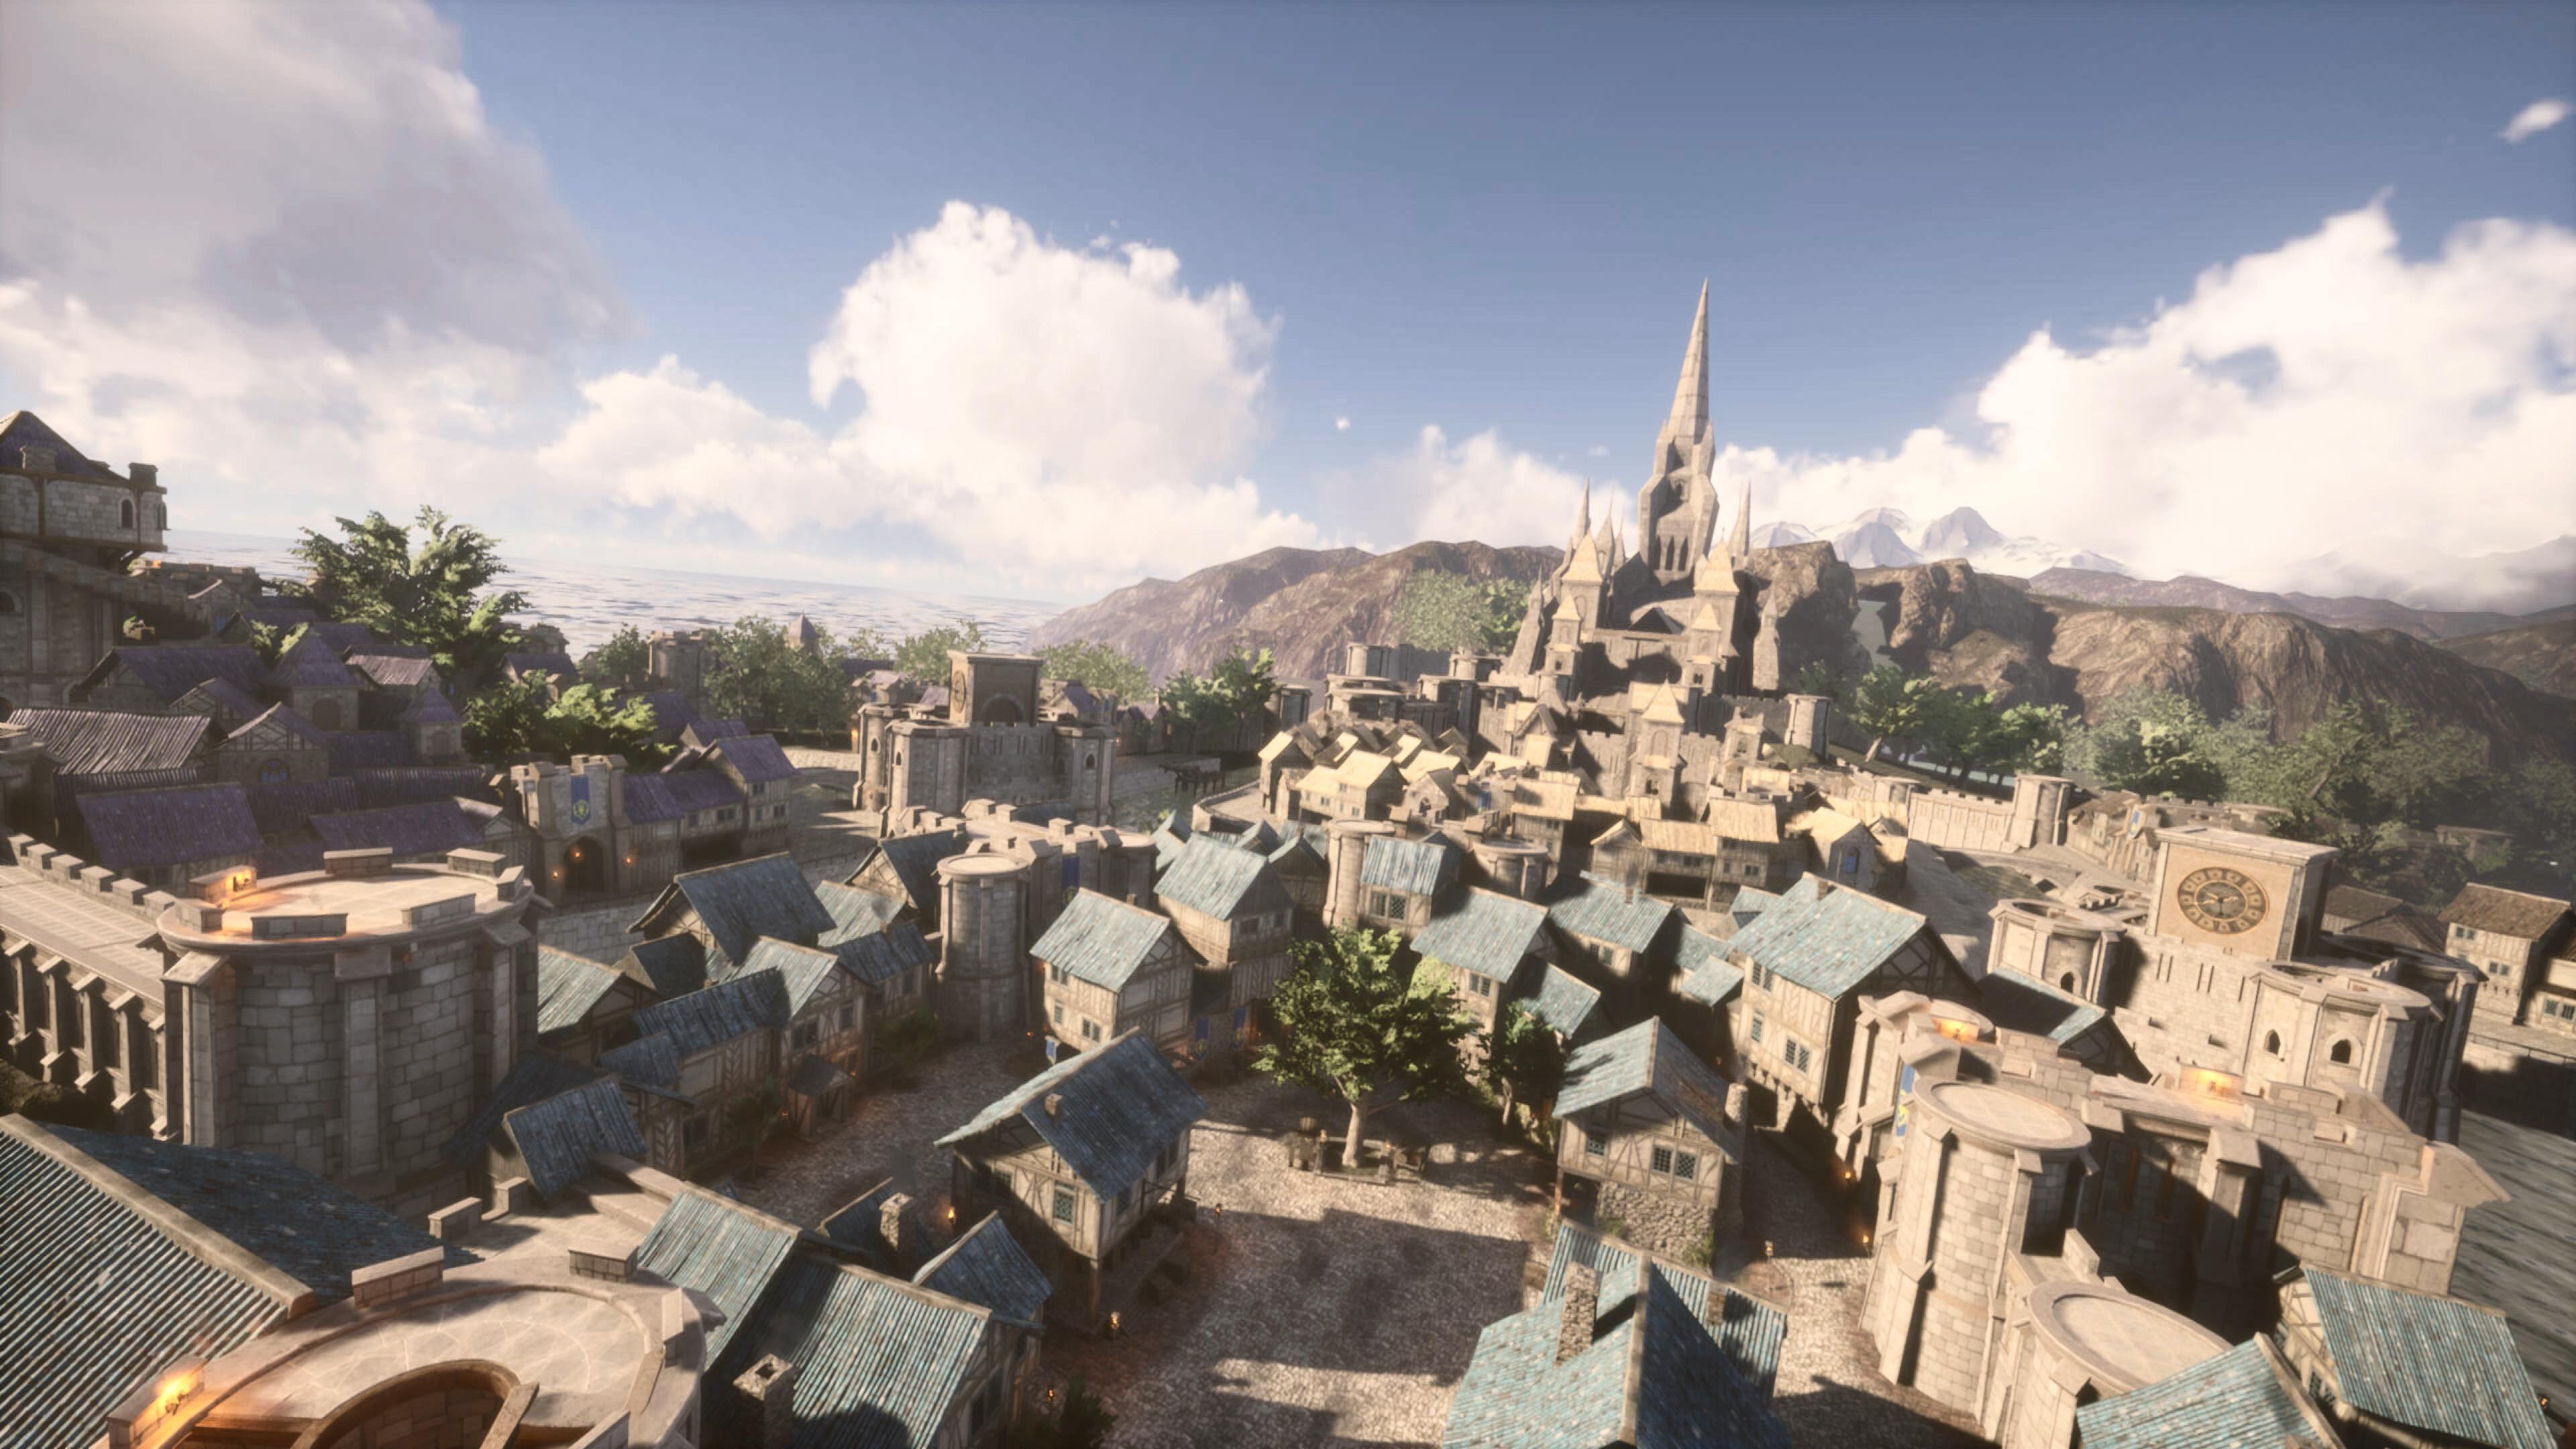 La capitale Hurlevent (Stormwind) réalisée avec Unreal Engine 4